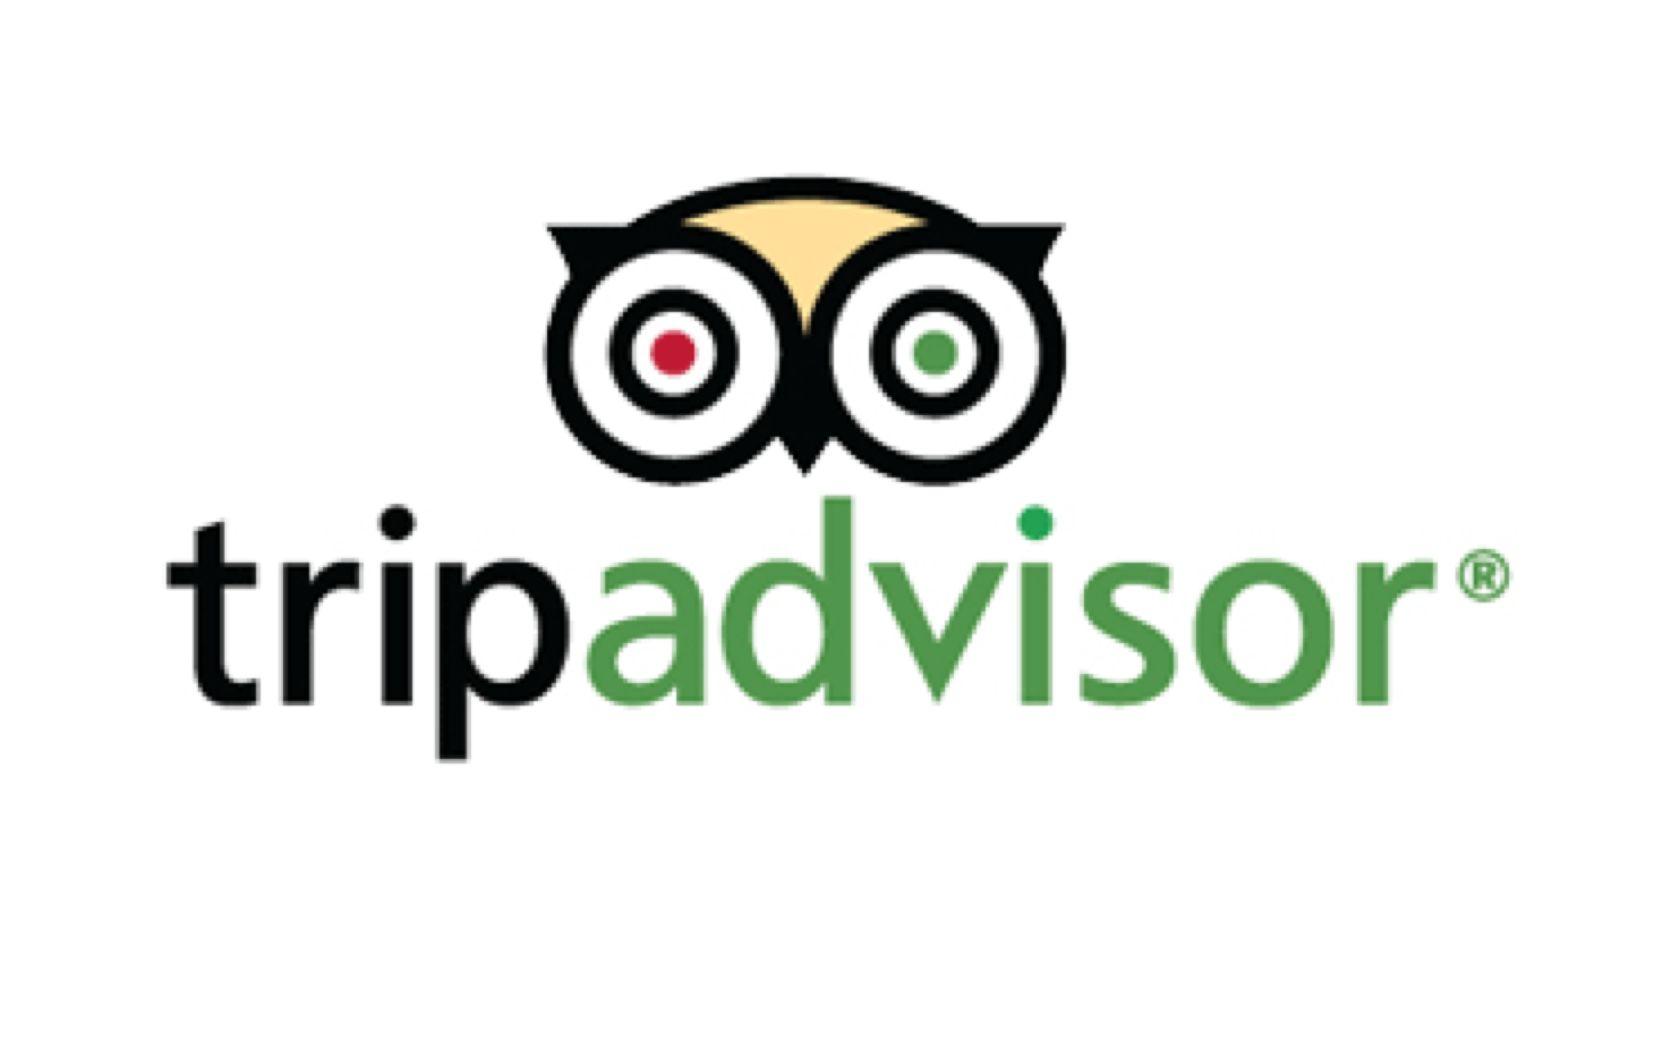 En la categoría de vinos hay calificaciones sobre hoteles, tours, restaurantes y bares.